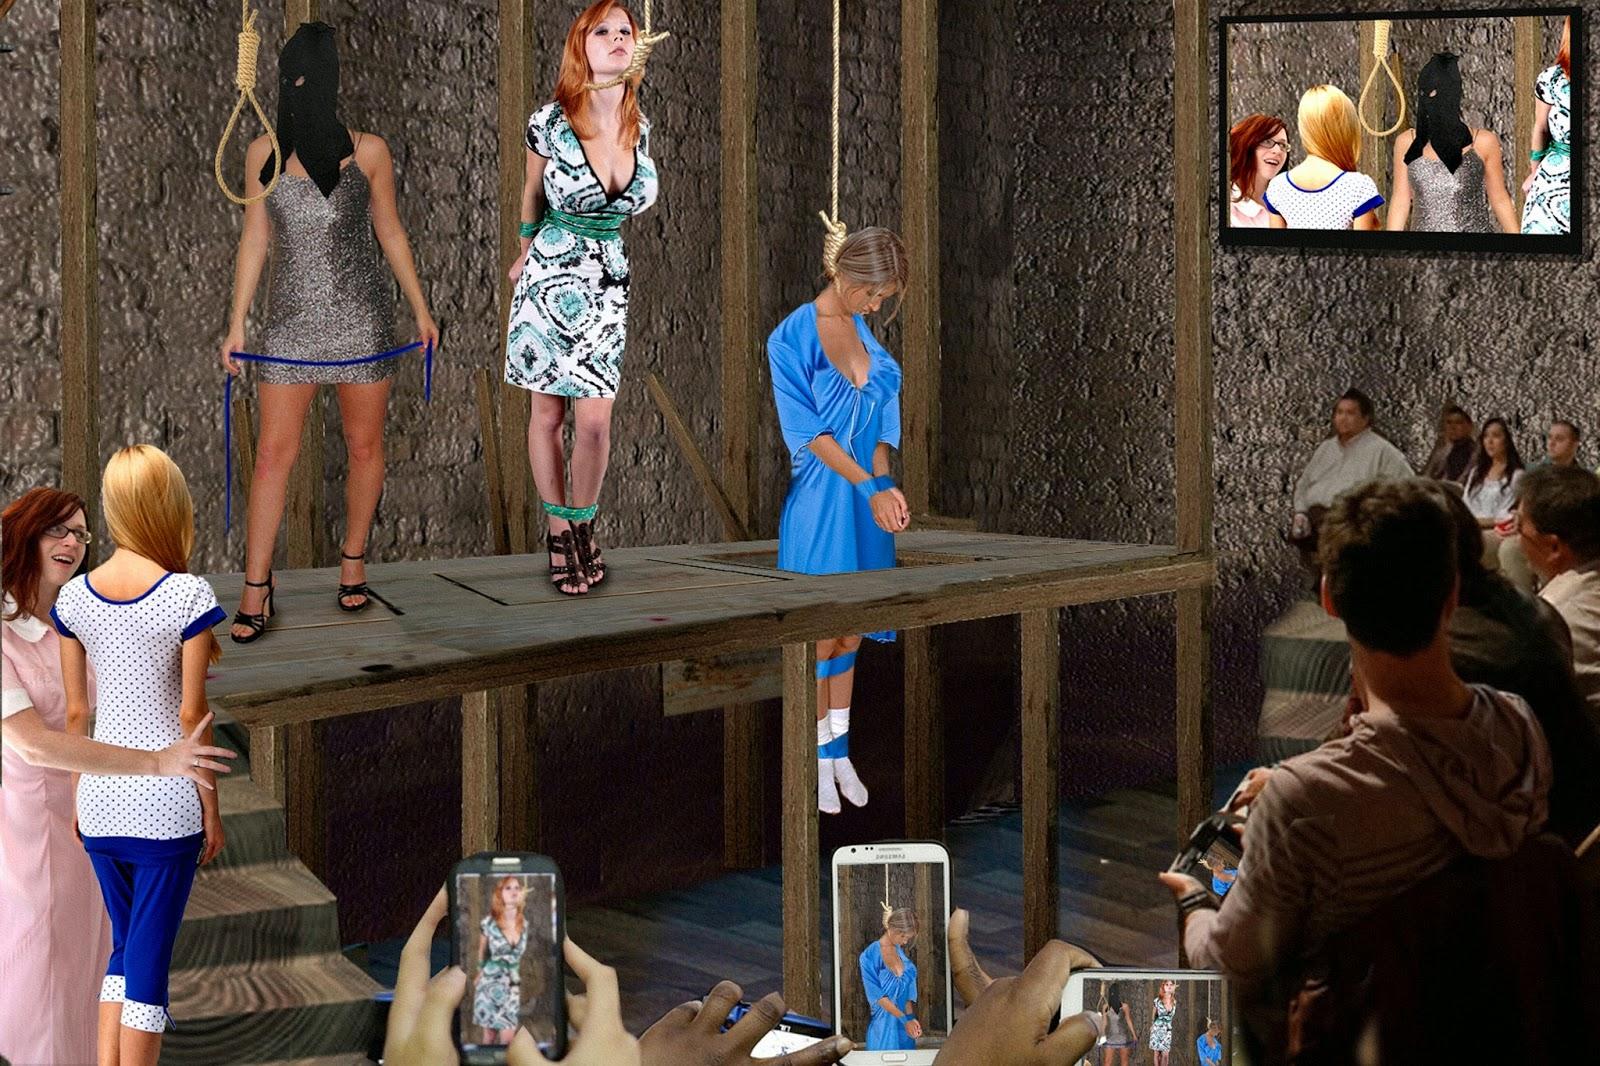 Порно повешенные онлайн, девушки перед зеркалом блондинки